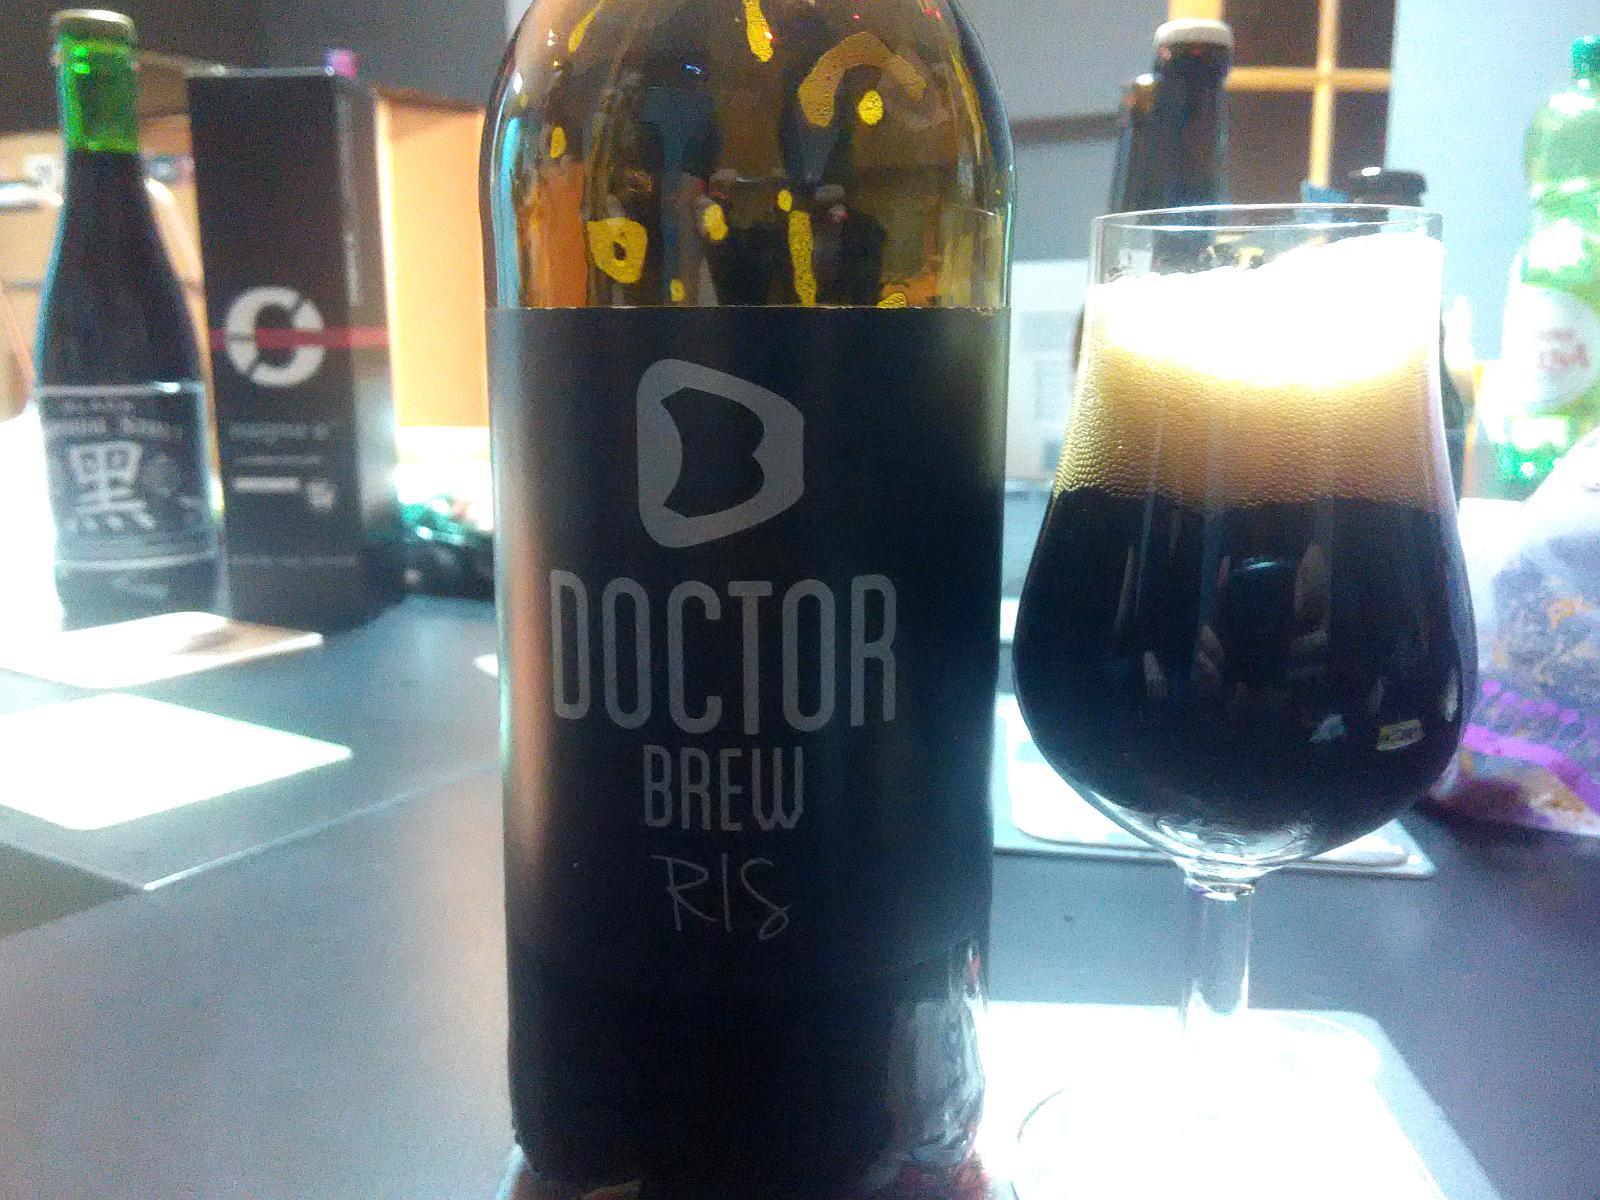 doctor-brew-ris-jack-daniels